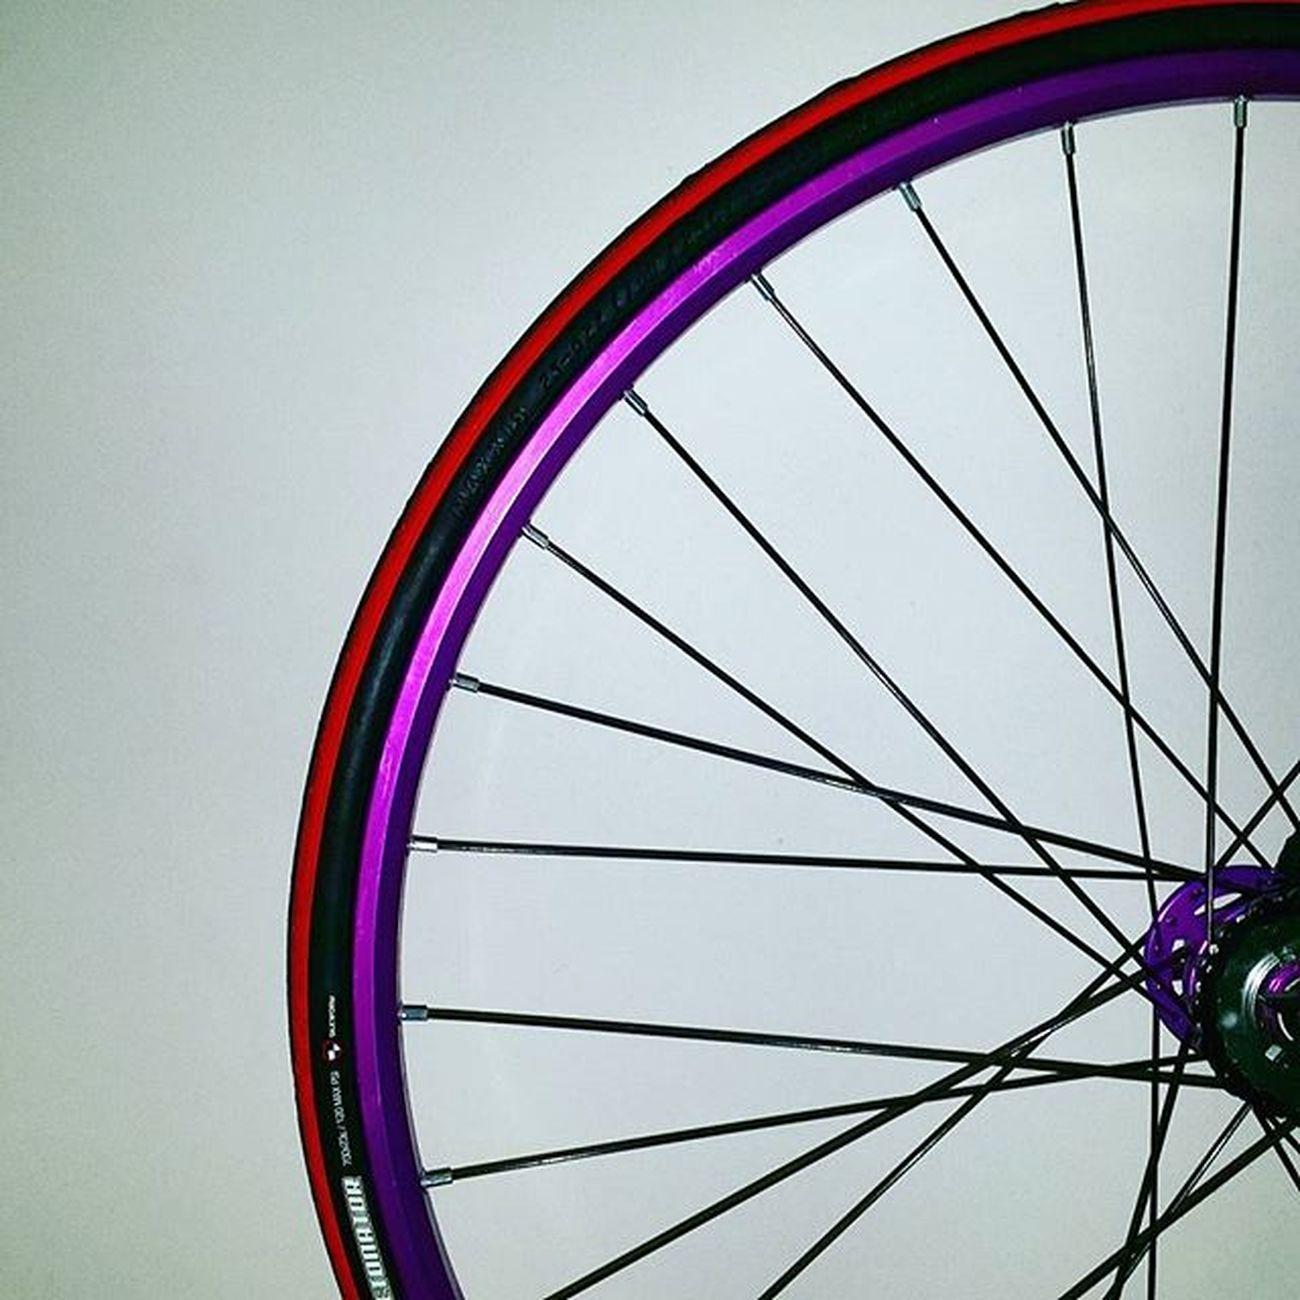 紫杉加了橙 有d唔順眼。。。😯😯😯 Bike Bikelife Fixedgear Fixedgears Fixedgearbike 紫杉醇